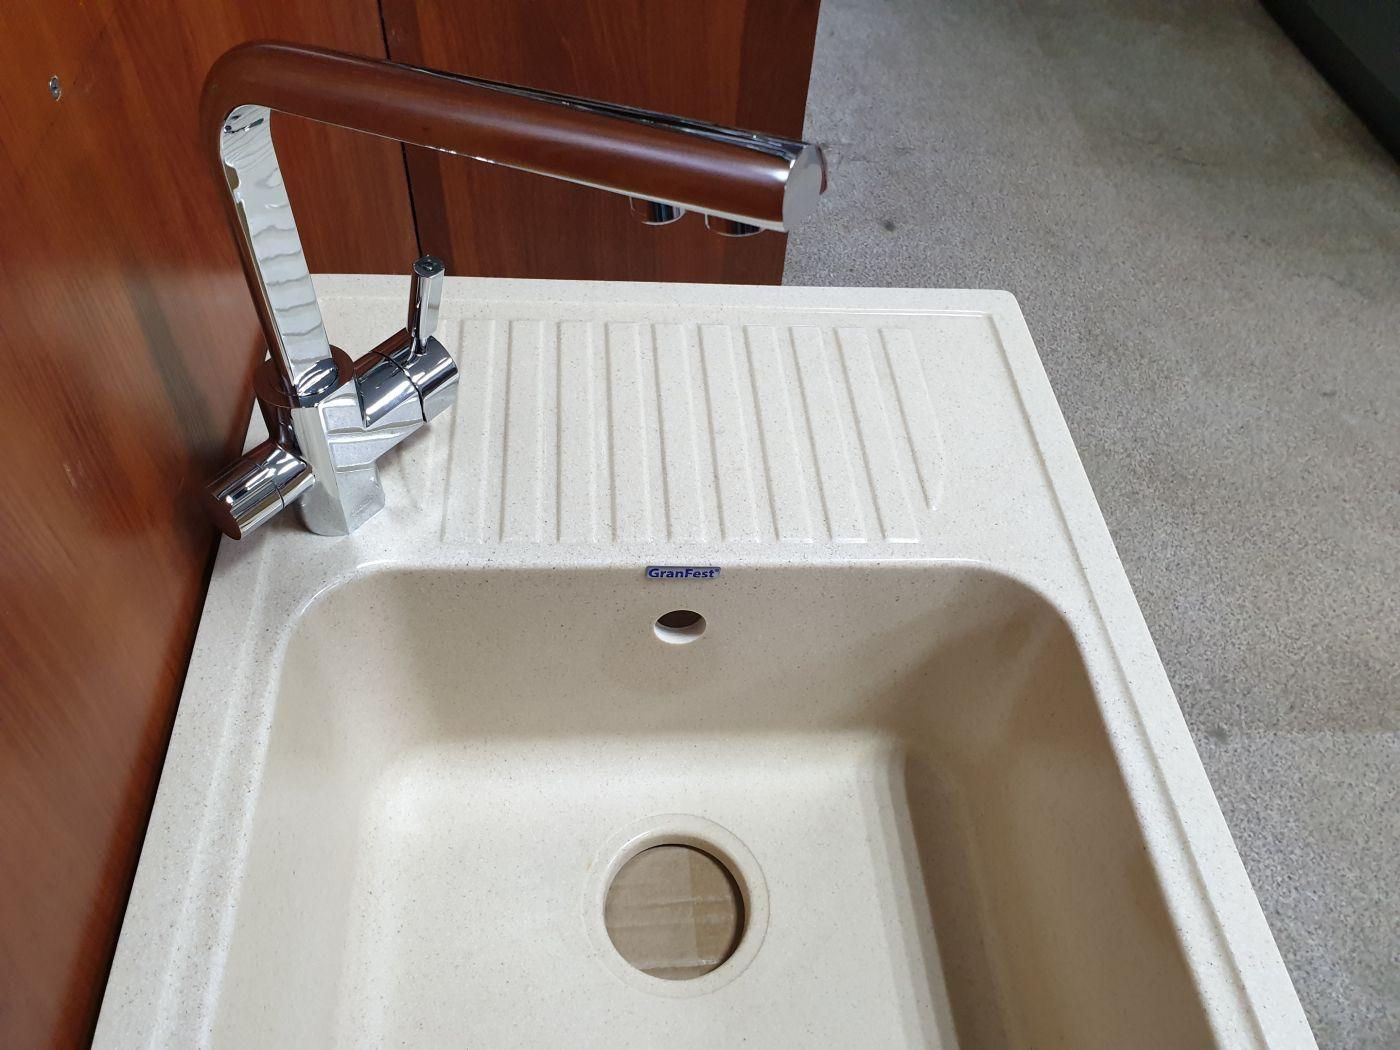 Vaserzberg VS-1905 Смеситель для кухни с выходом под фильтр